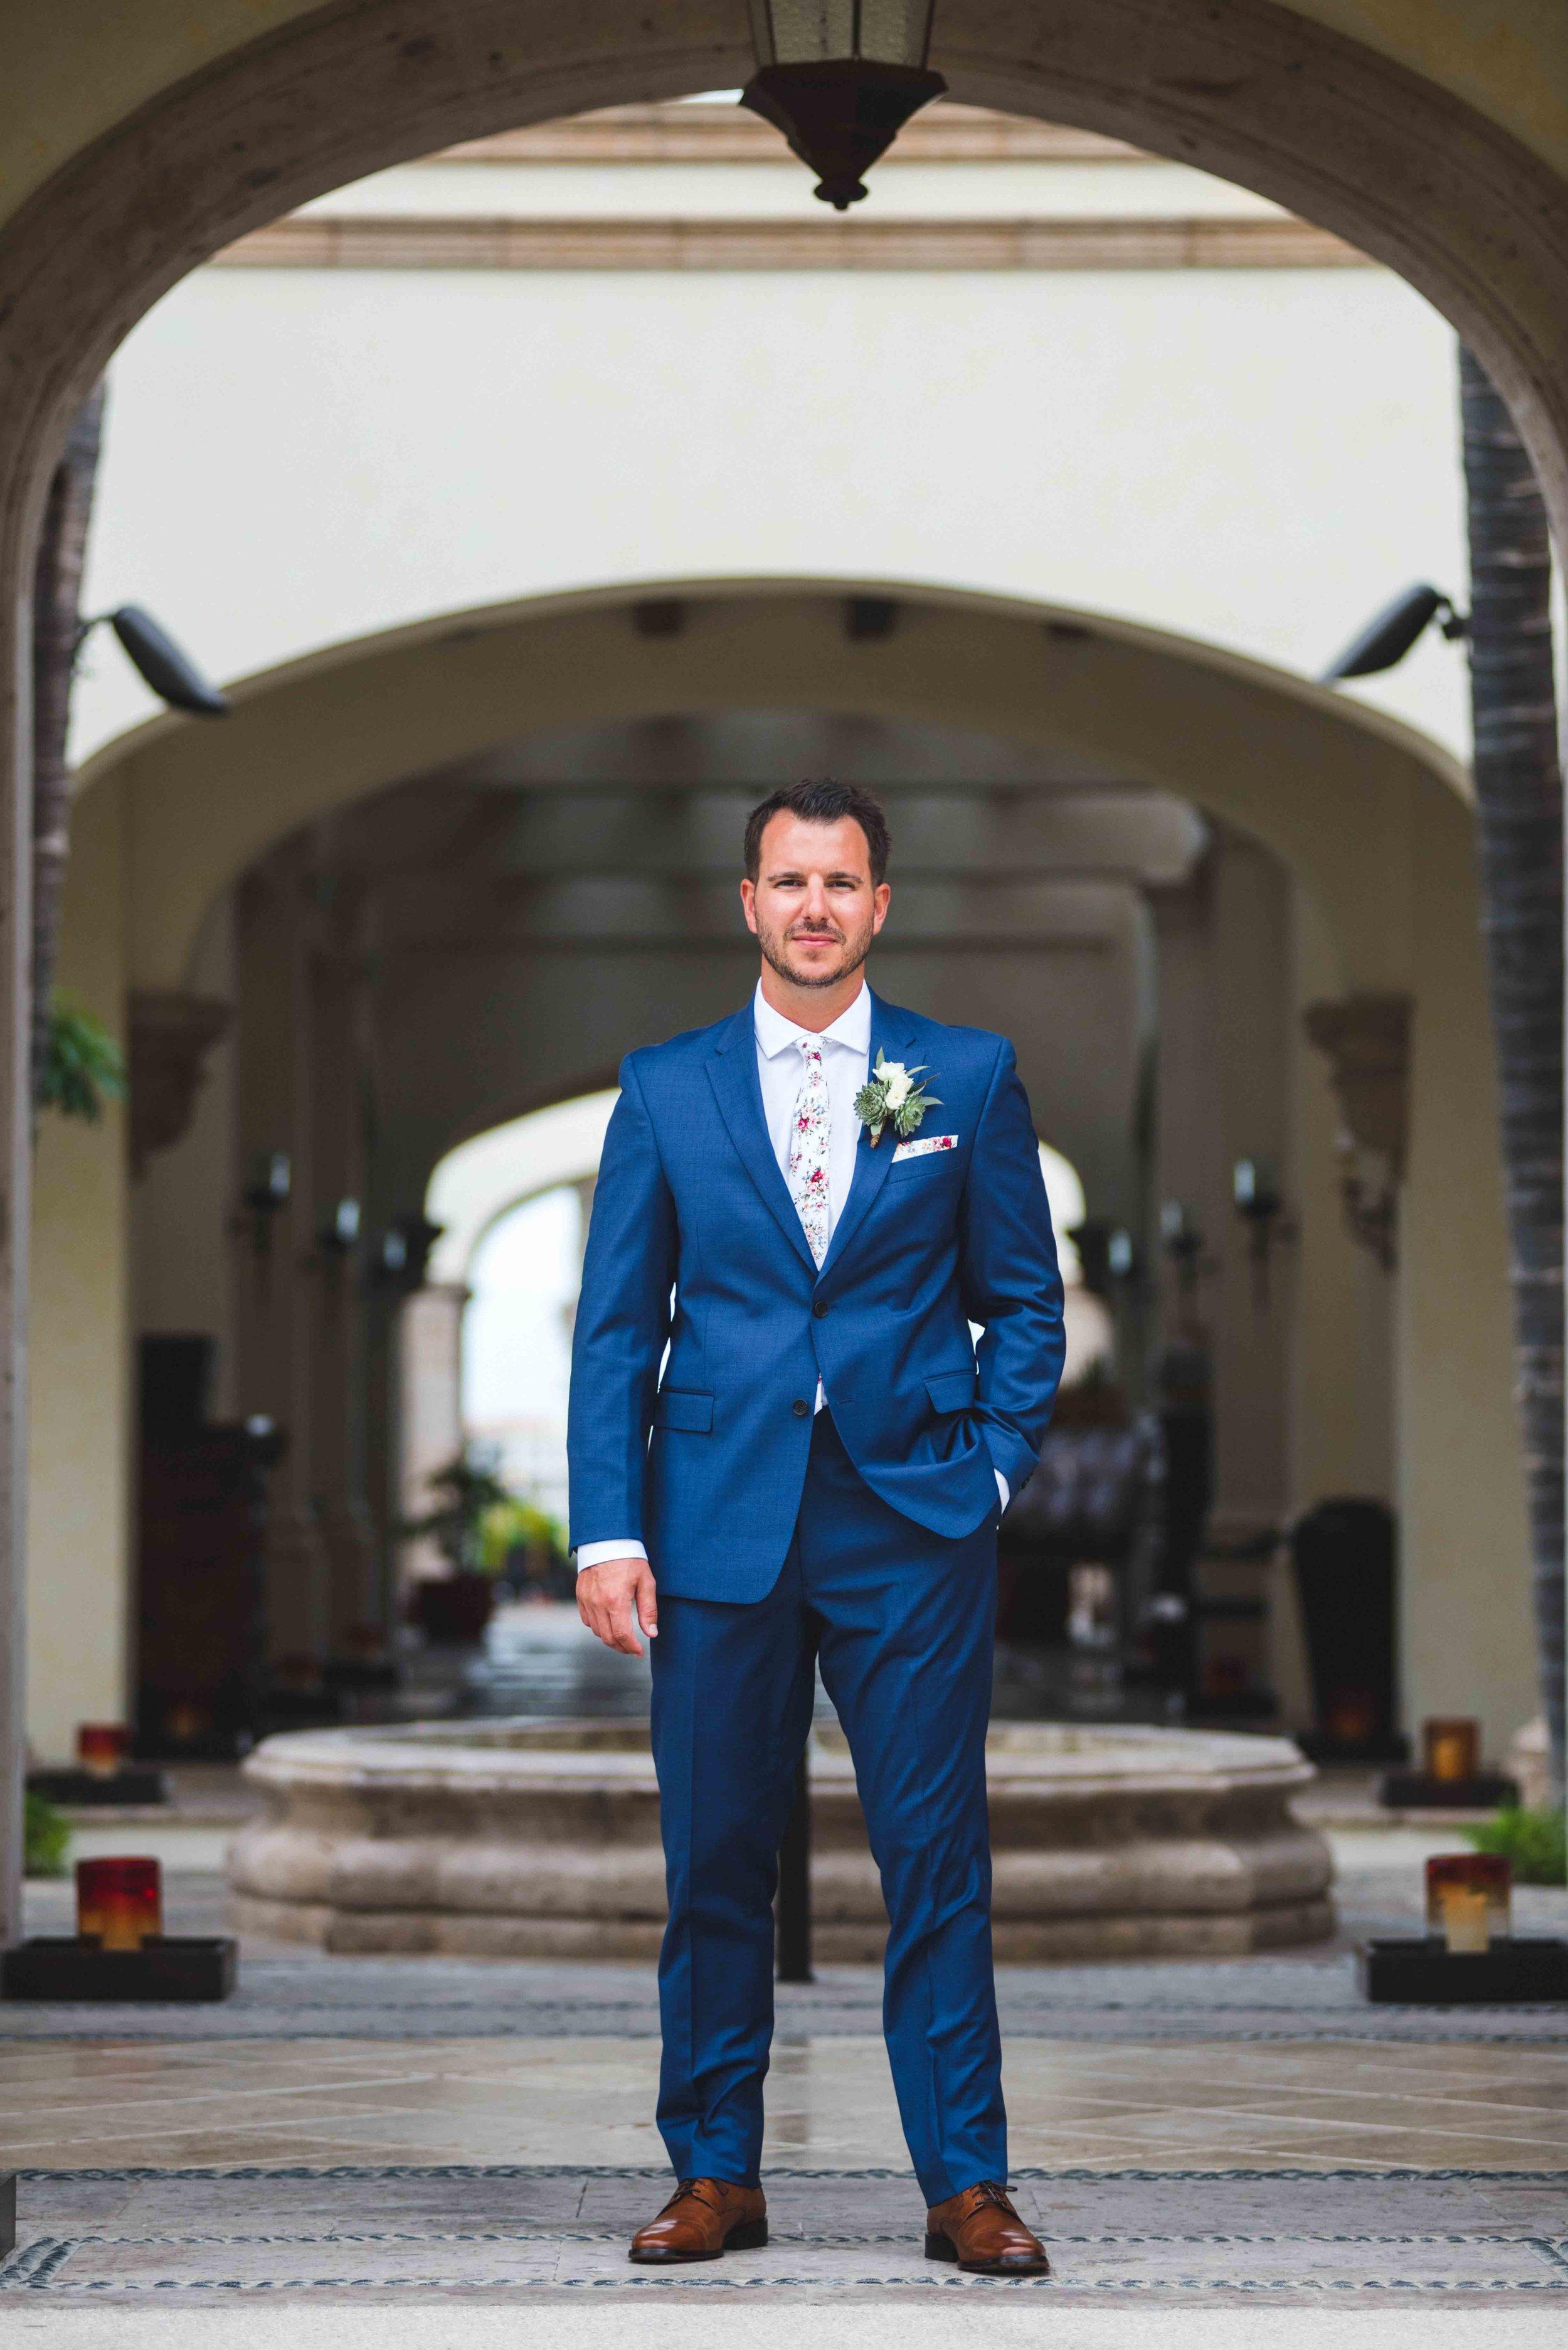 cabo-san-lucas-mexico-wedding-photographer-12.jpg